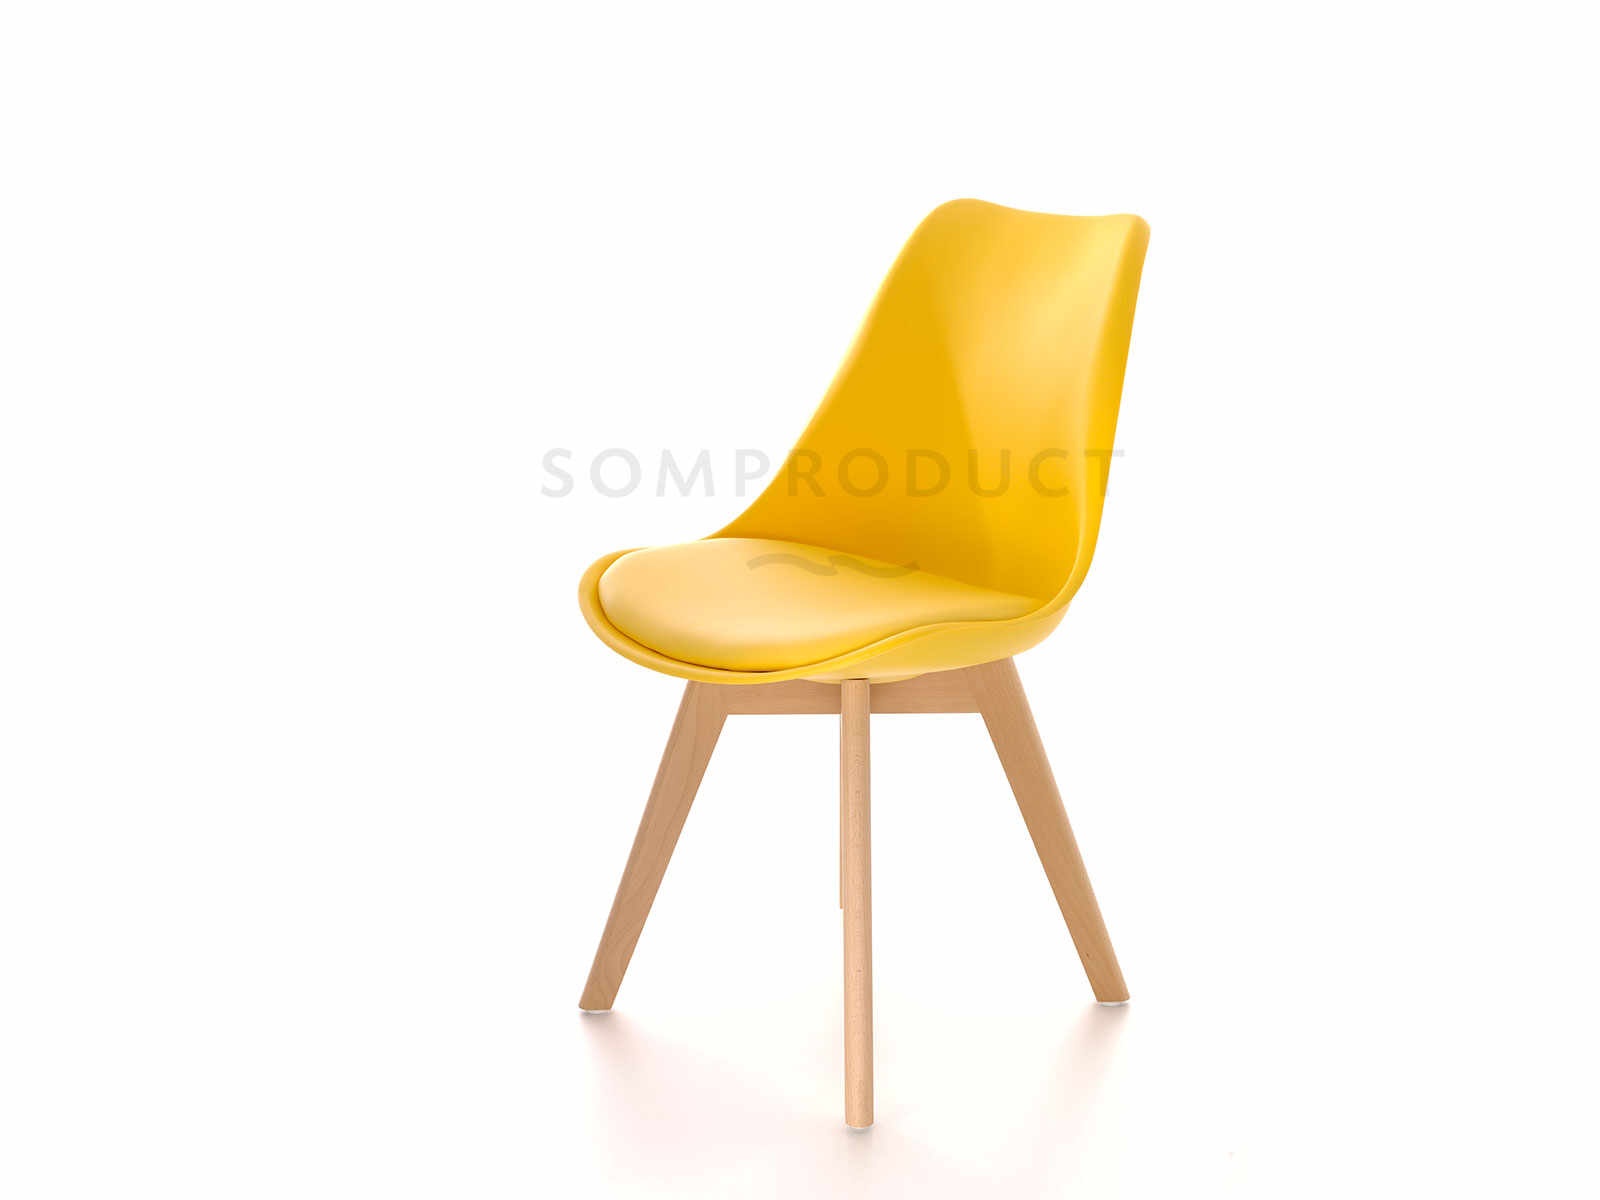 Scaun din plastic cu picioare din lemn si sezut tapitat cu piele ecologica Sven Yellow, l46xA43xH80 cm la pret 200 lei